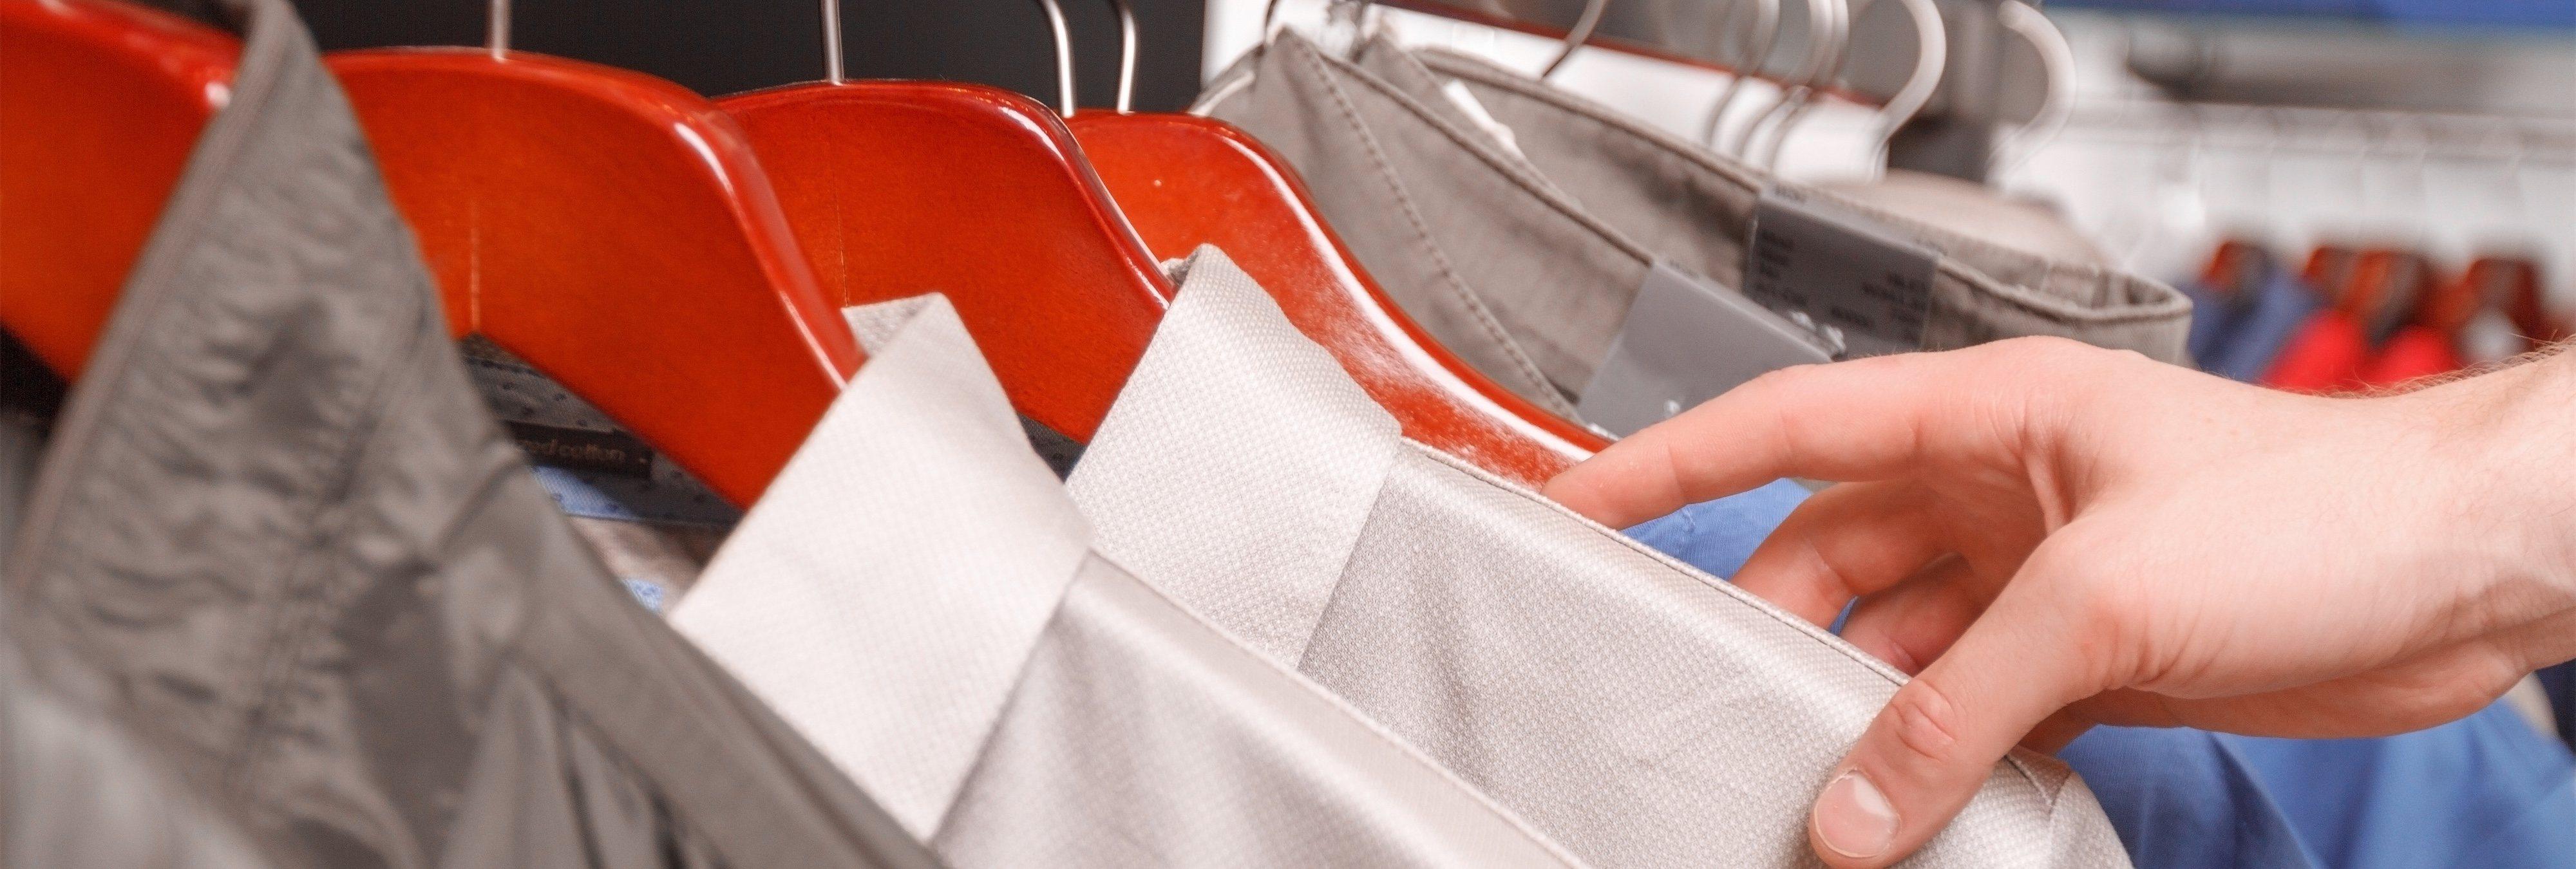 Cobrar por usar los probadores en las tiendas: la última ocurrencia del PP